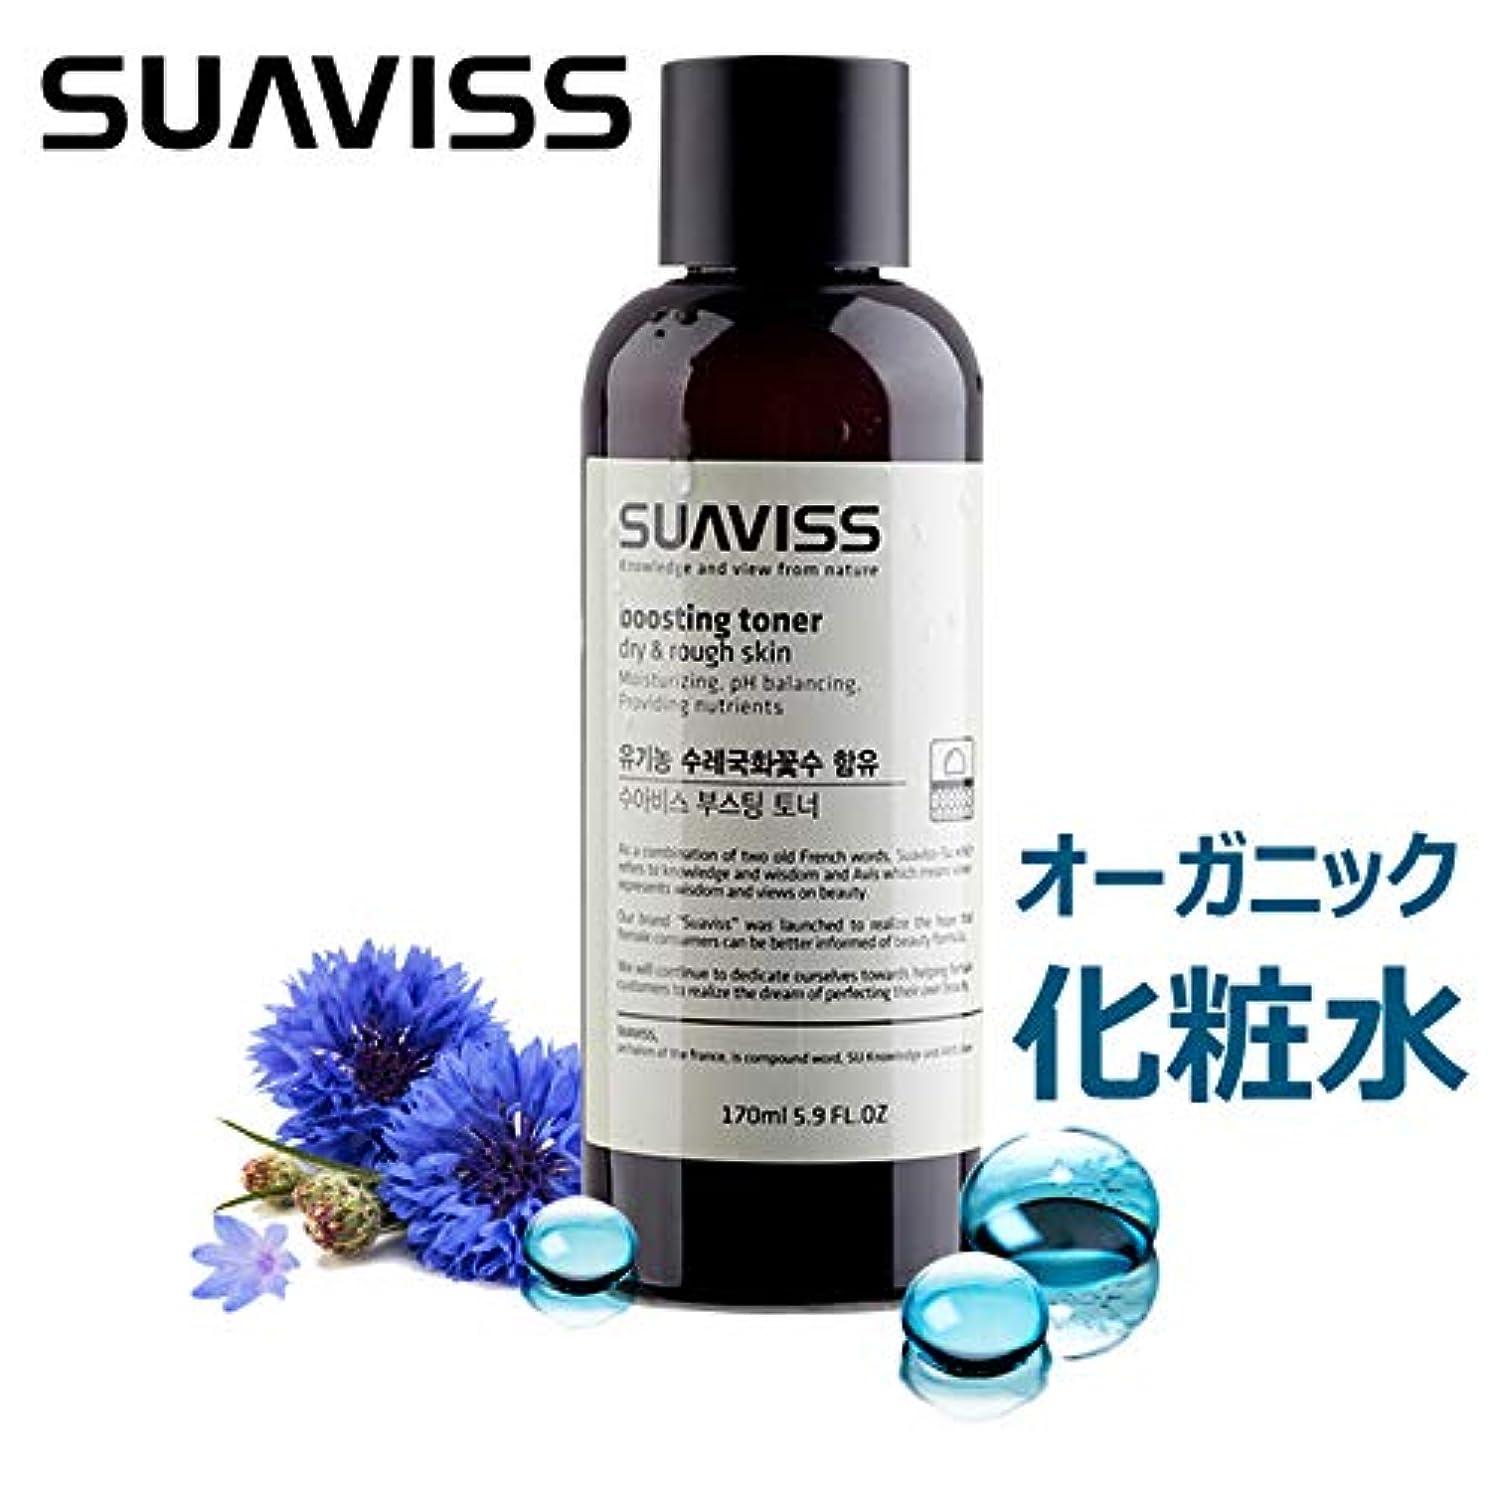 エラーセールアルカトラズ島スアビス/ブースティング/化粧水 水分 供給 栄養 供給 オーガニック 化粧品 韓国コスメ 乾燥肌用